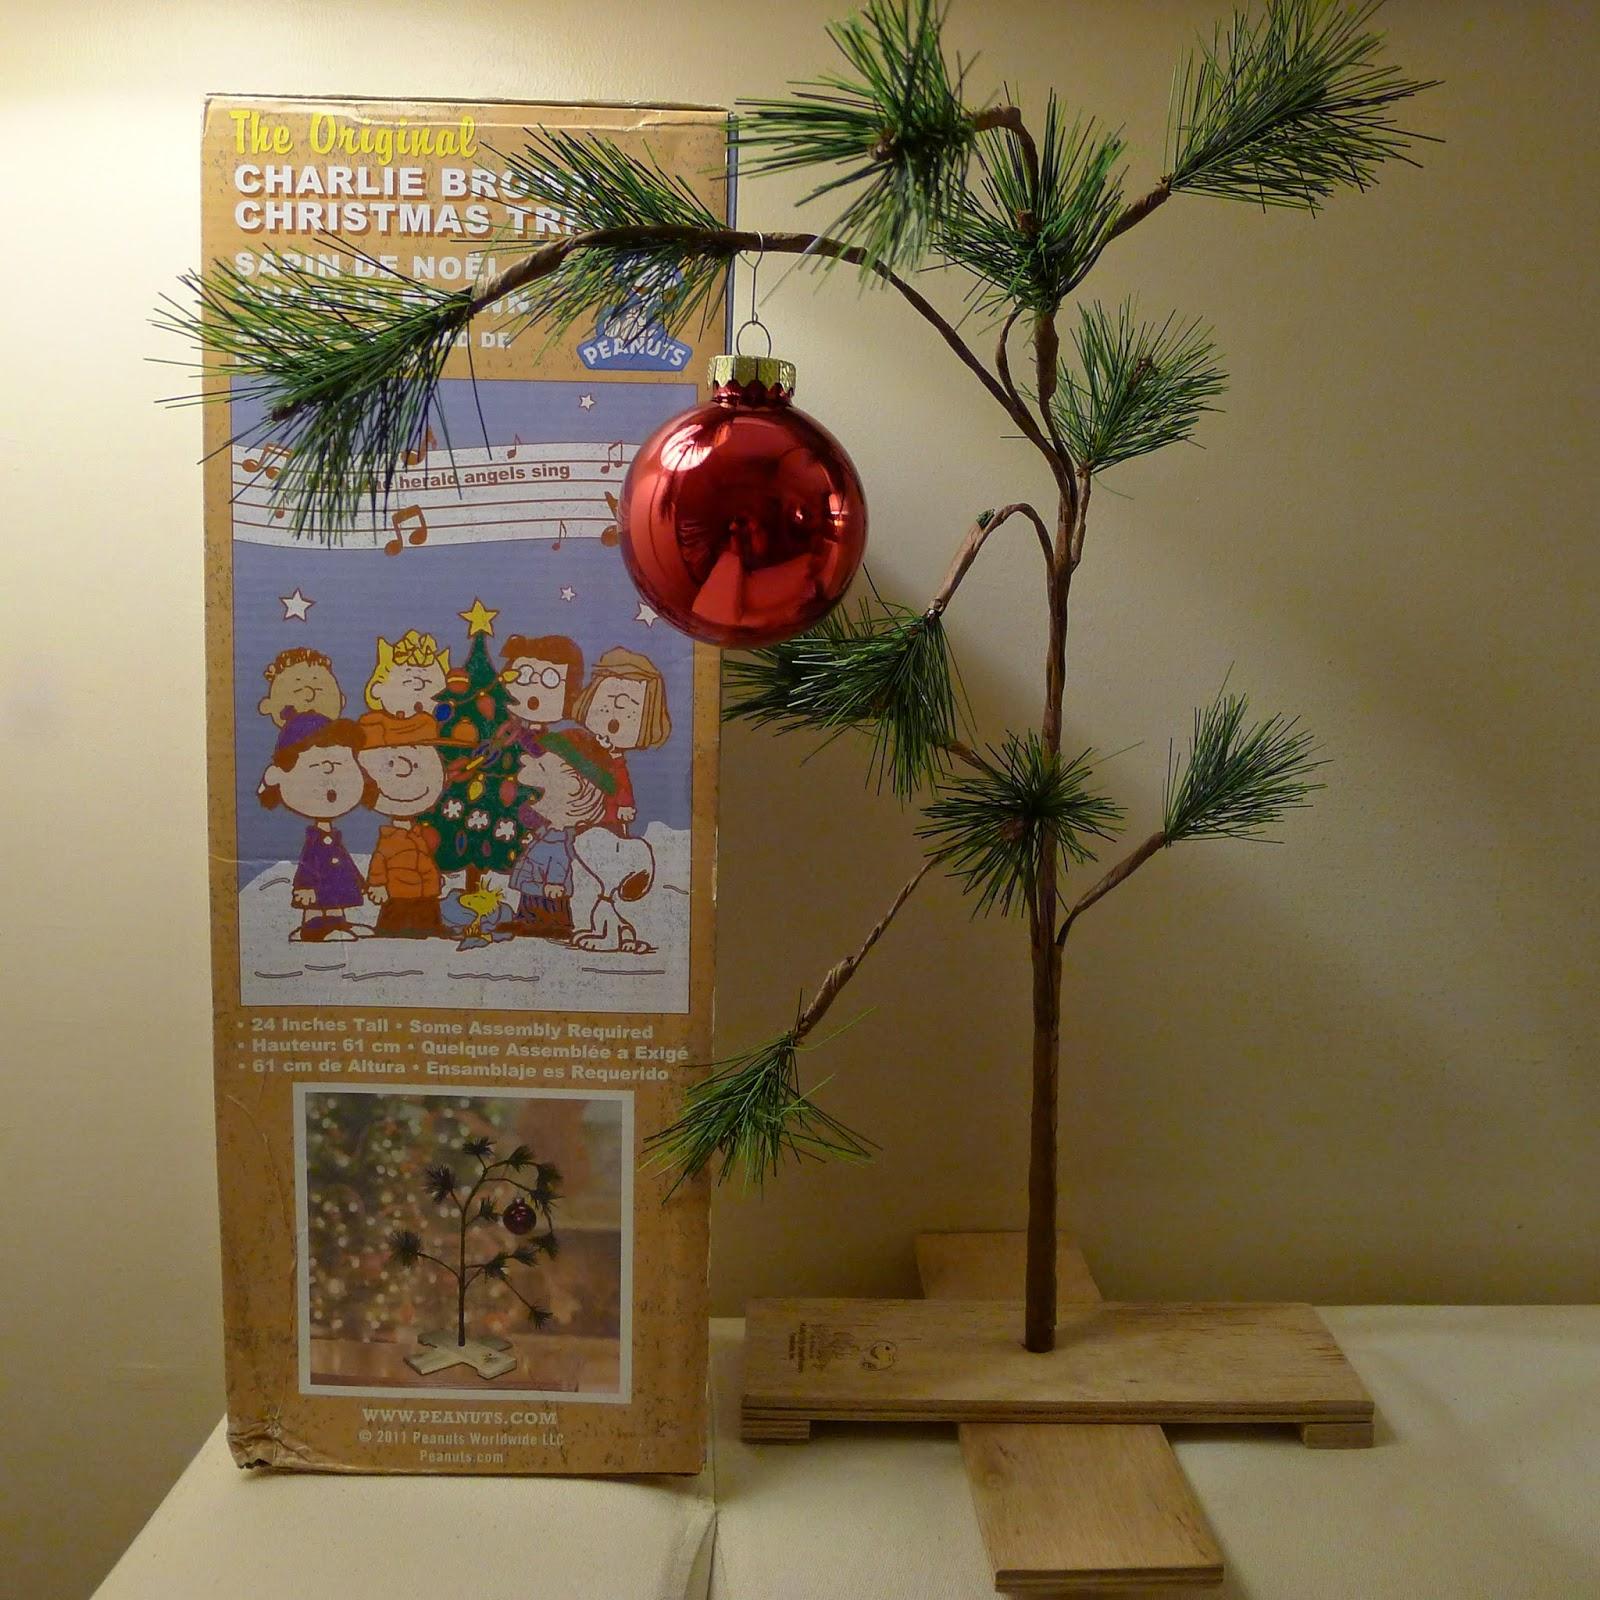 Our Charlie Brown Christmas Tree | Tina Villa